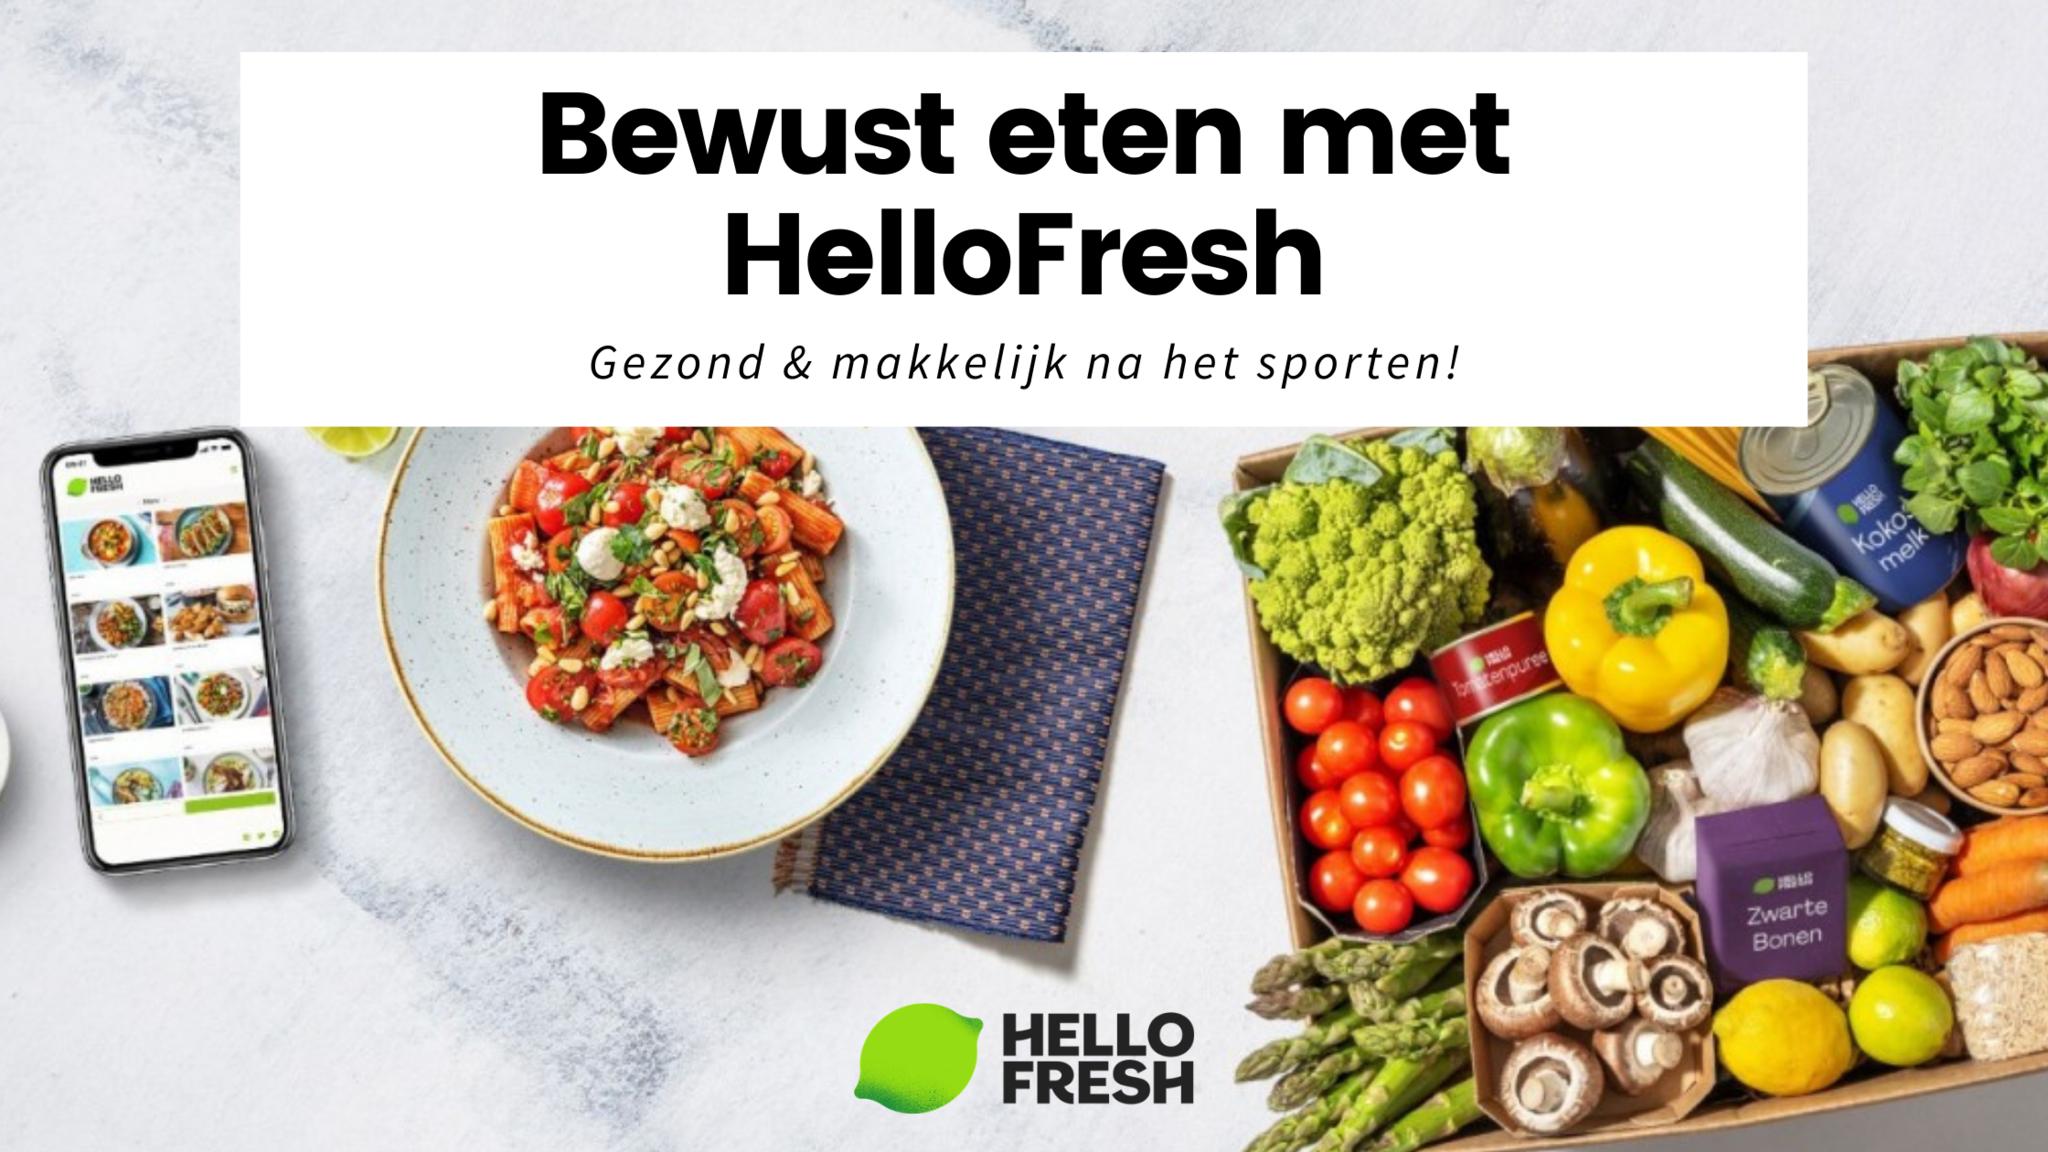 House of Workouts verzorgt de workouts, HelloFresh ondersteund je in de keuken